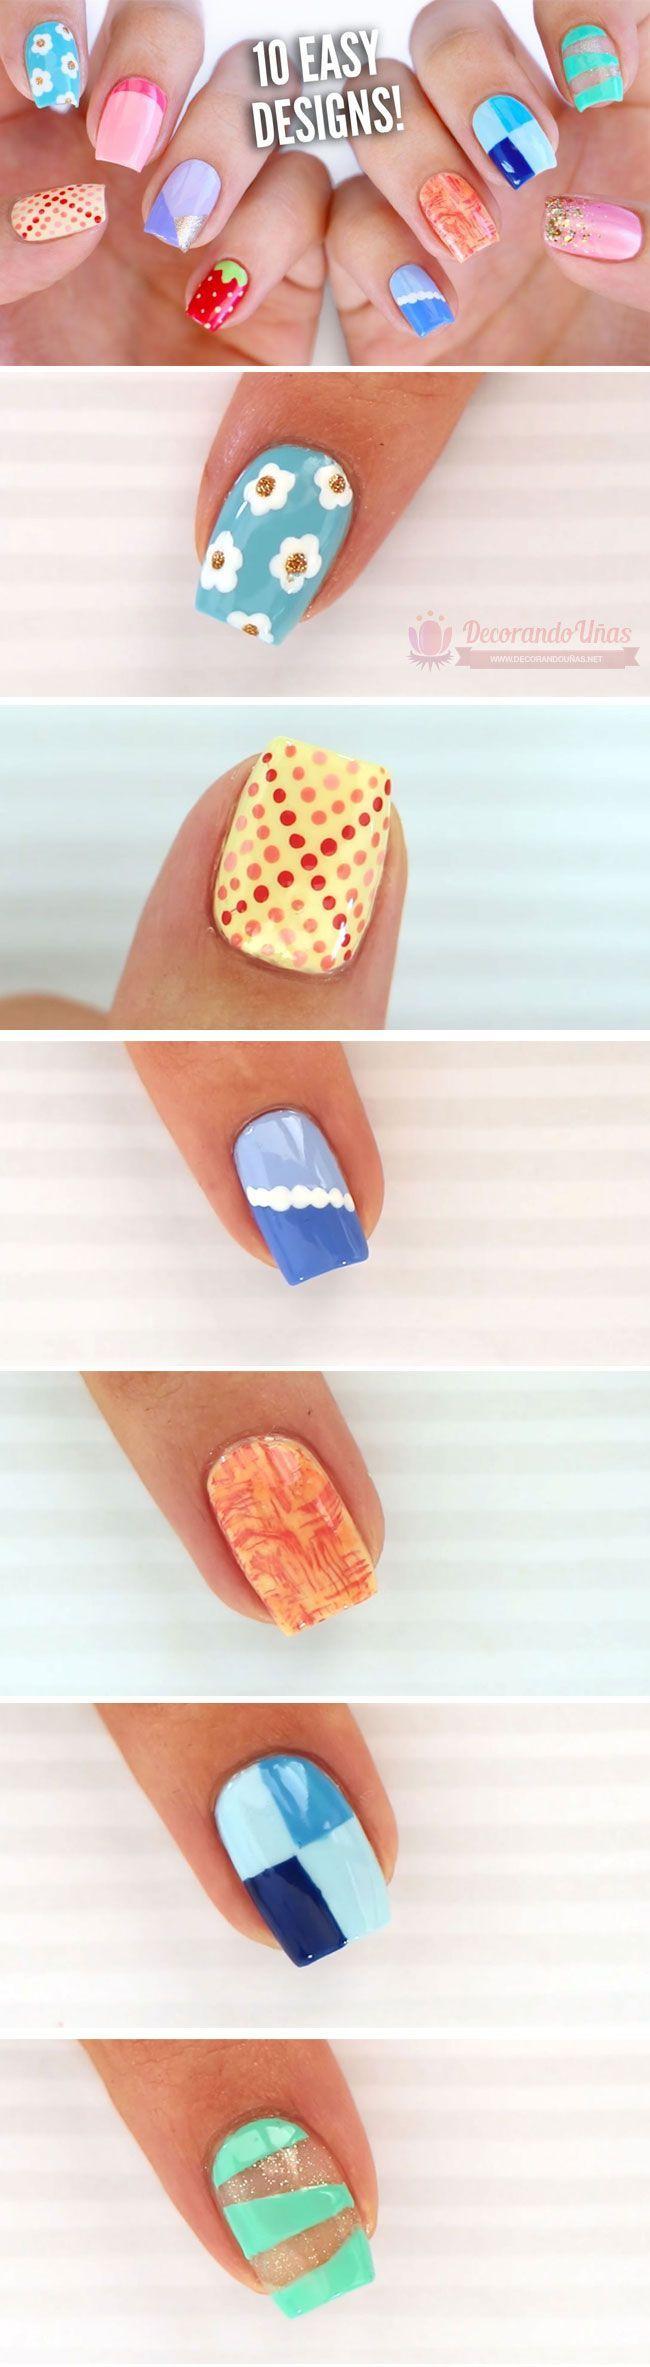 10 Diseños de uñas decoradas fáciles para principiantes | Decoración ...